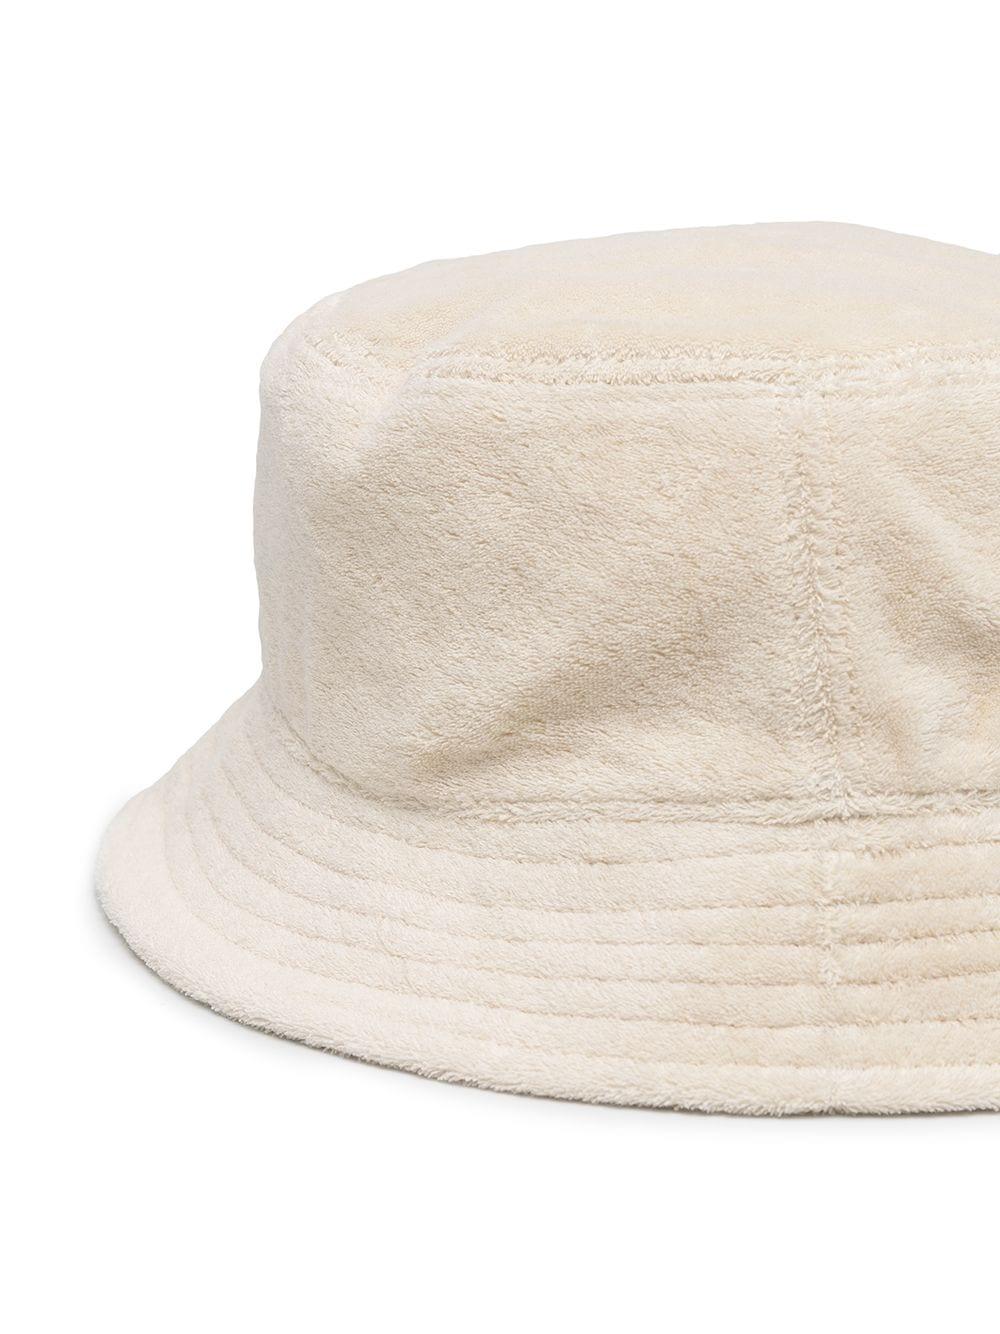 Gcds cappello bucket con applicazione uomo white grey GCDS | Cappelli | SS21M01007957